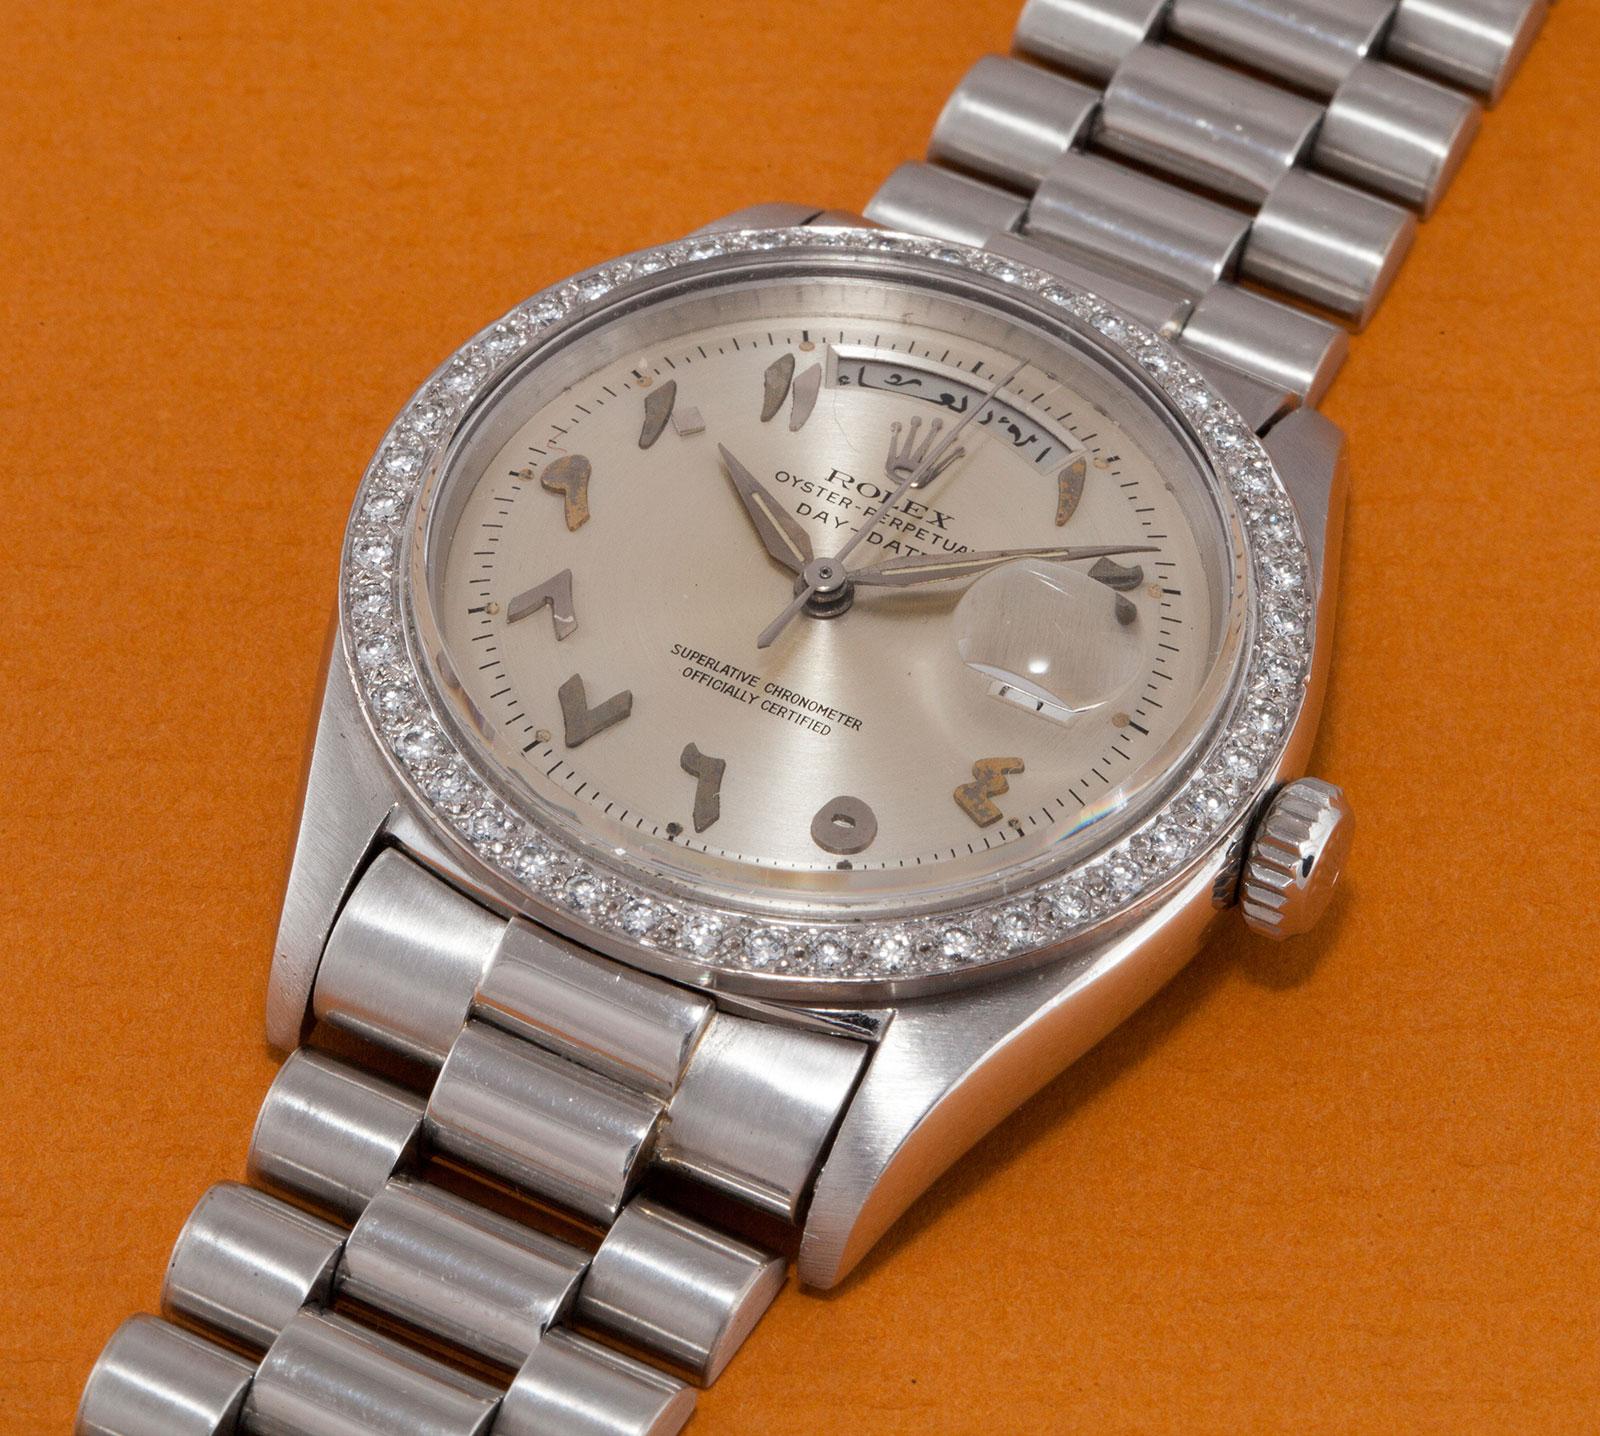 Rolex Day-Date 1804 platinum Scheherazade 1